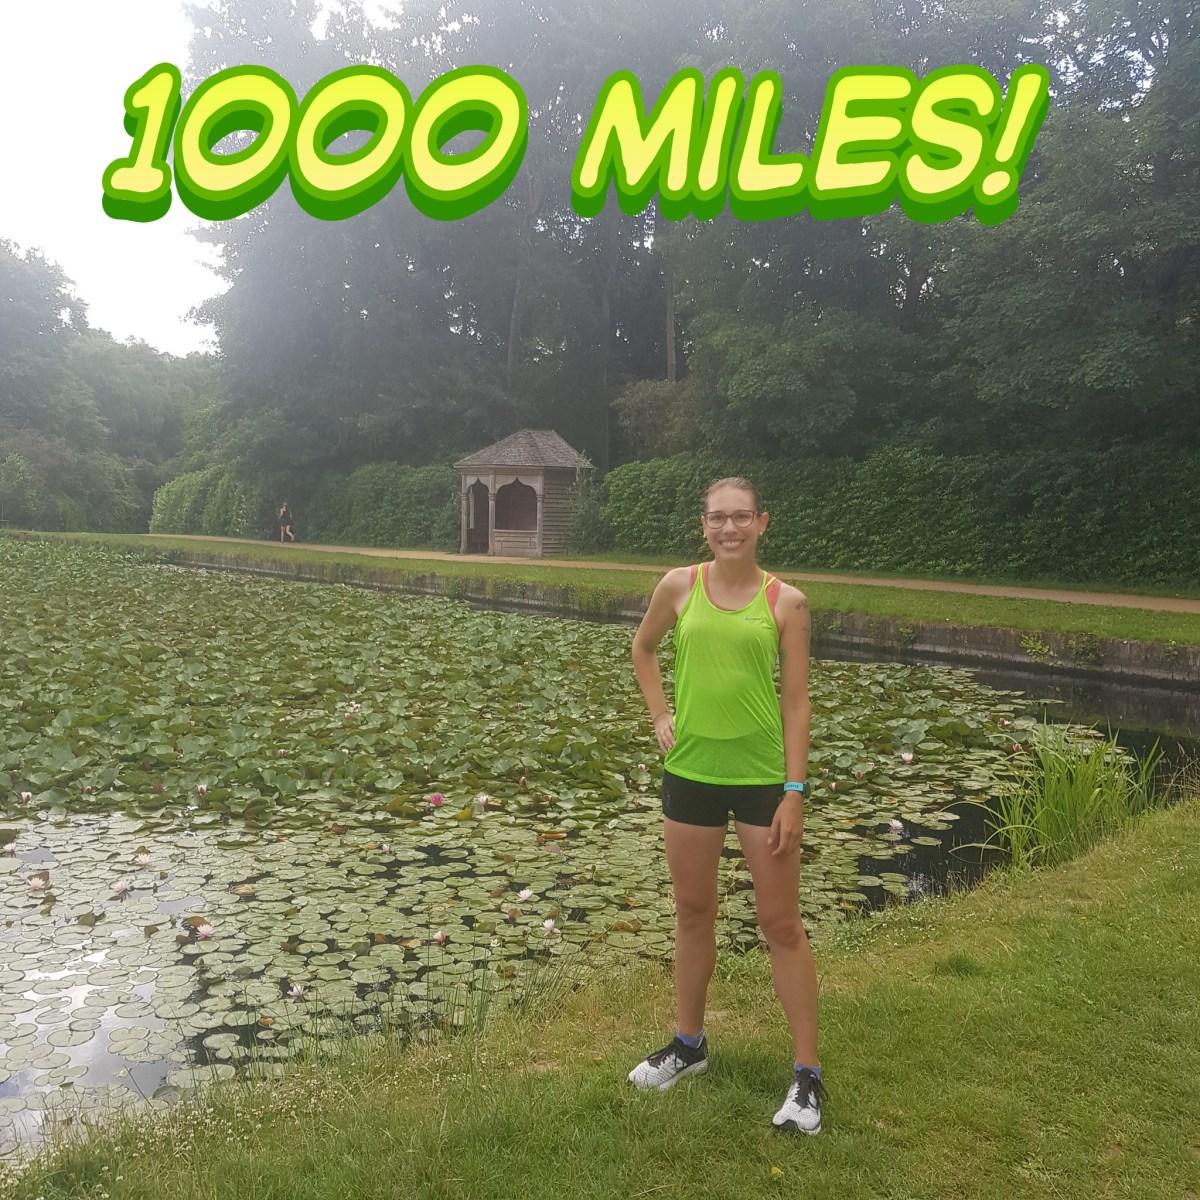 My running milestone